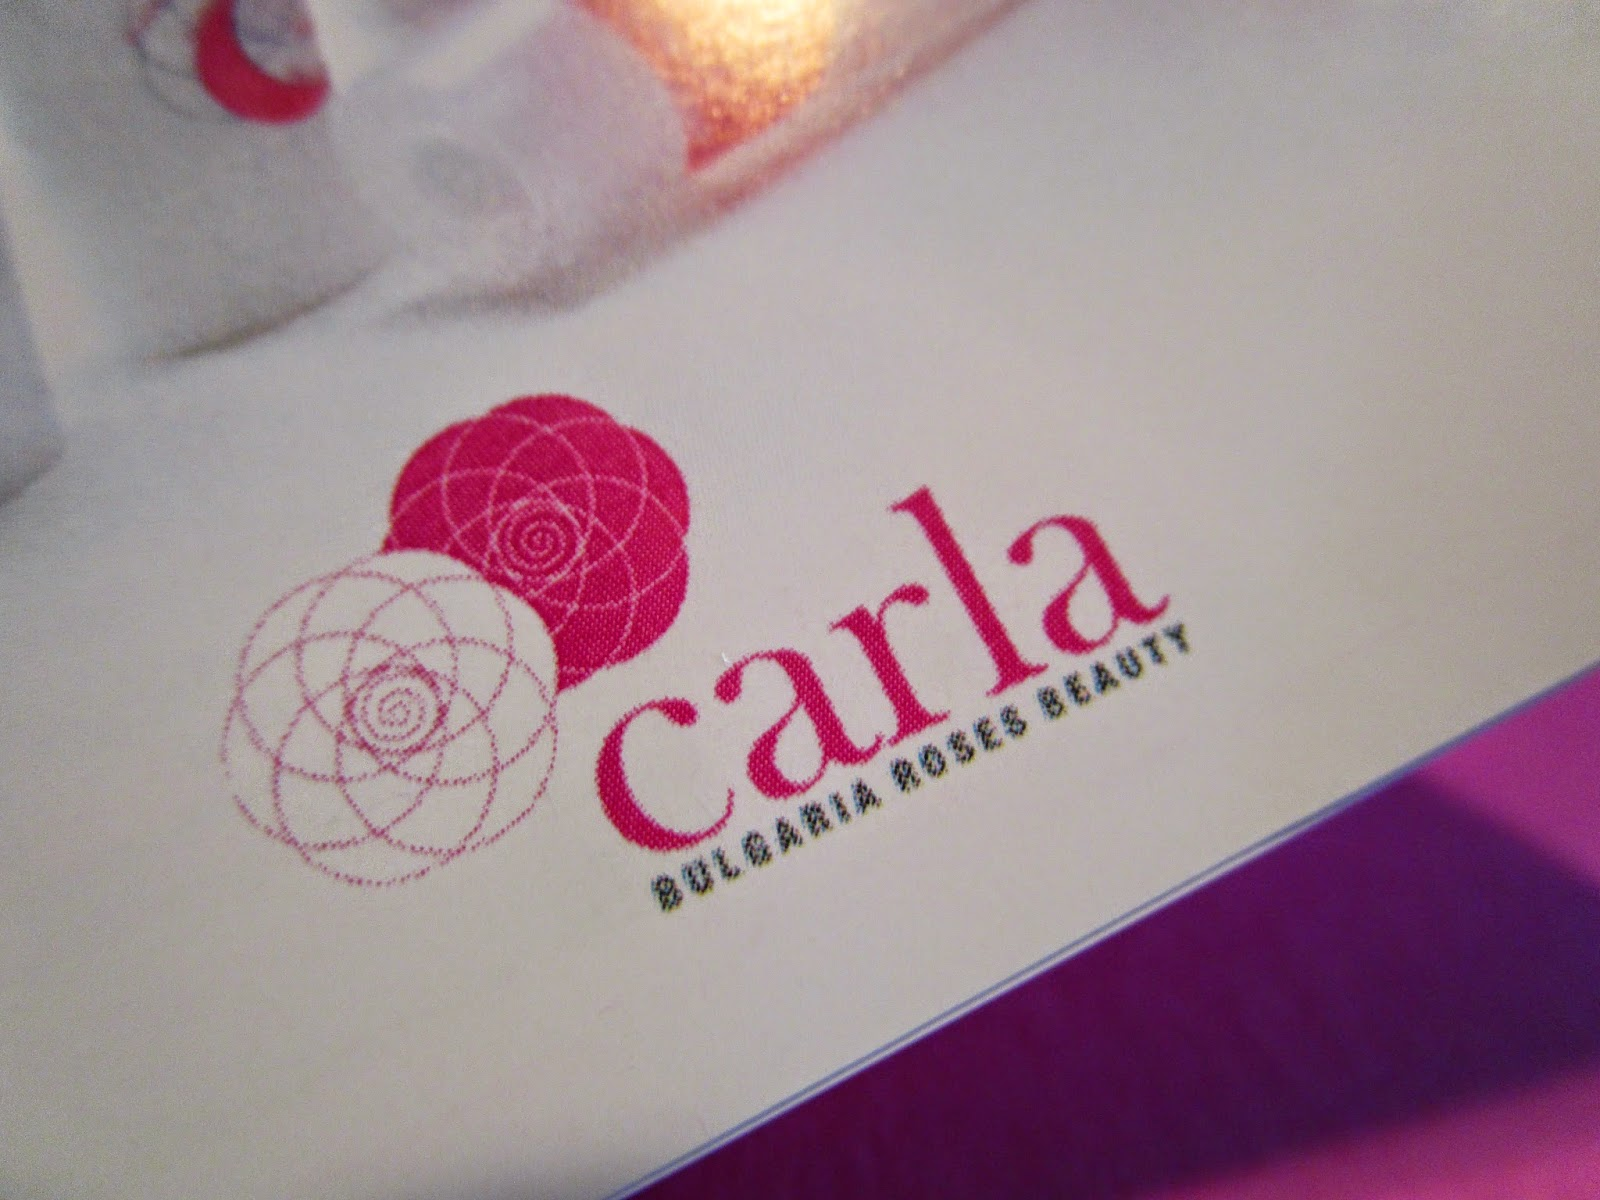 Carla Roses Beauty